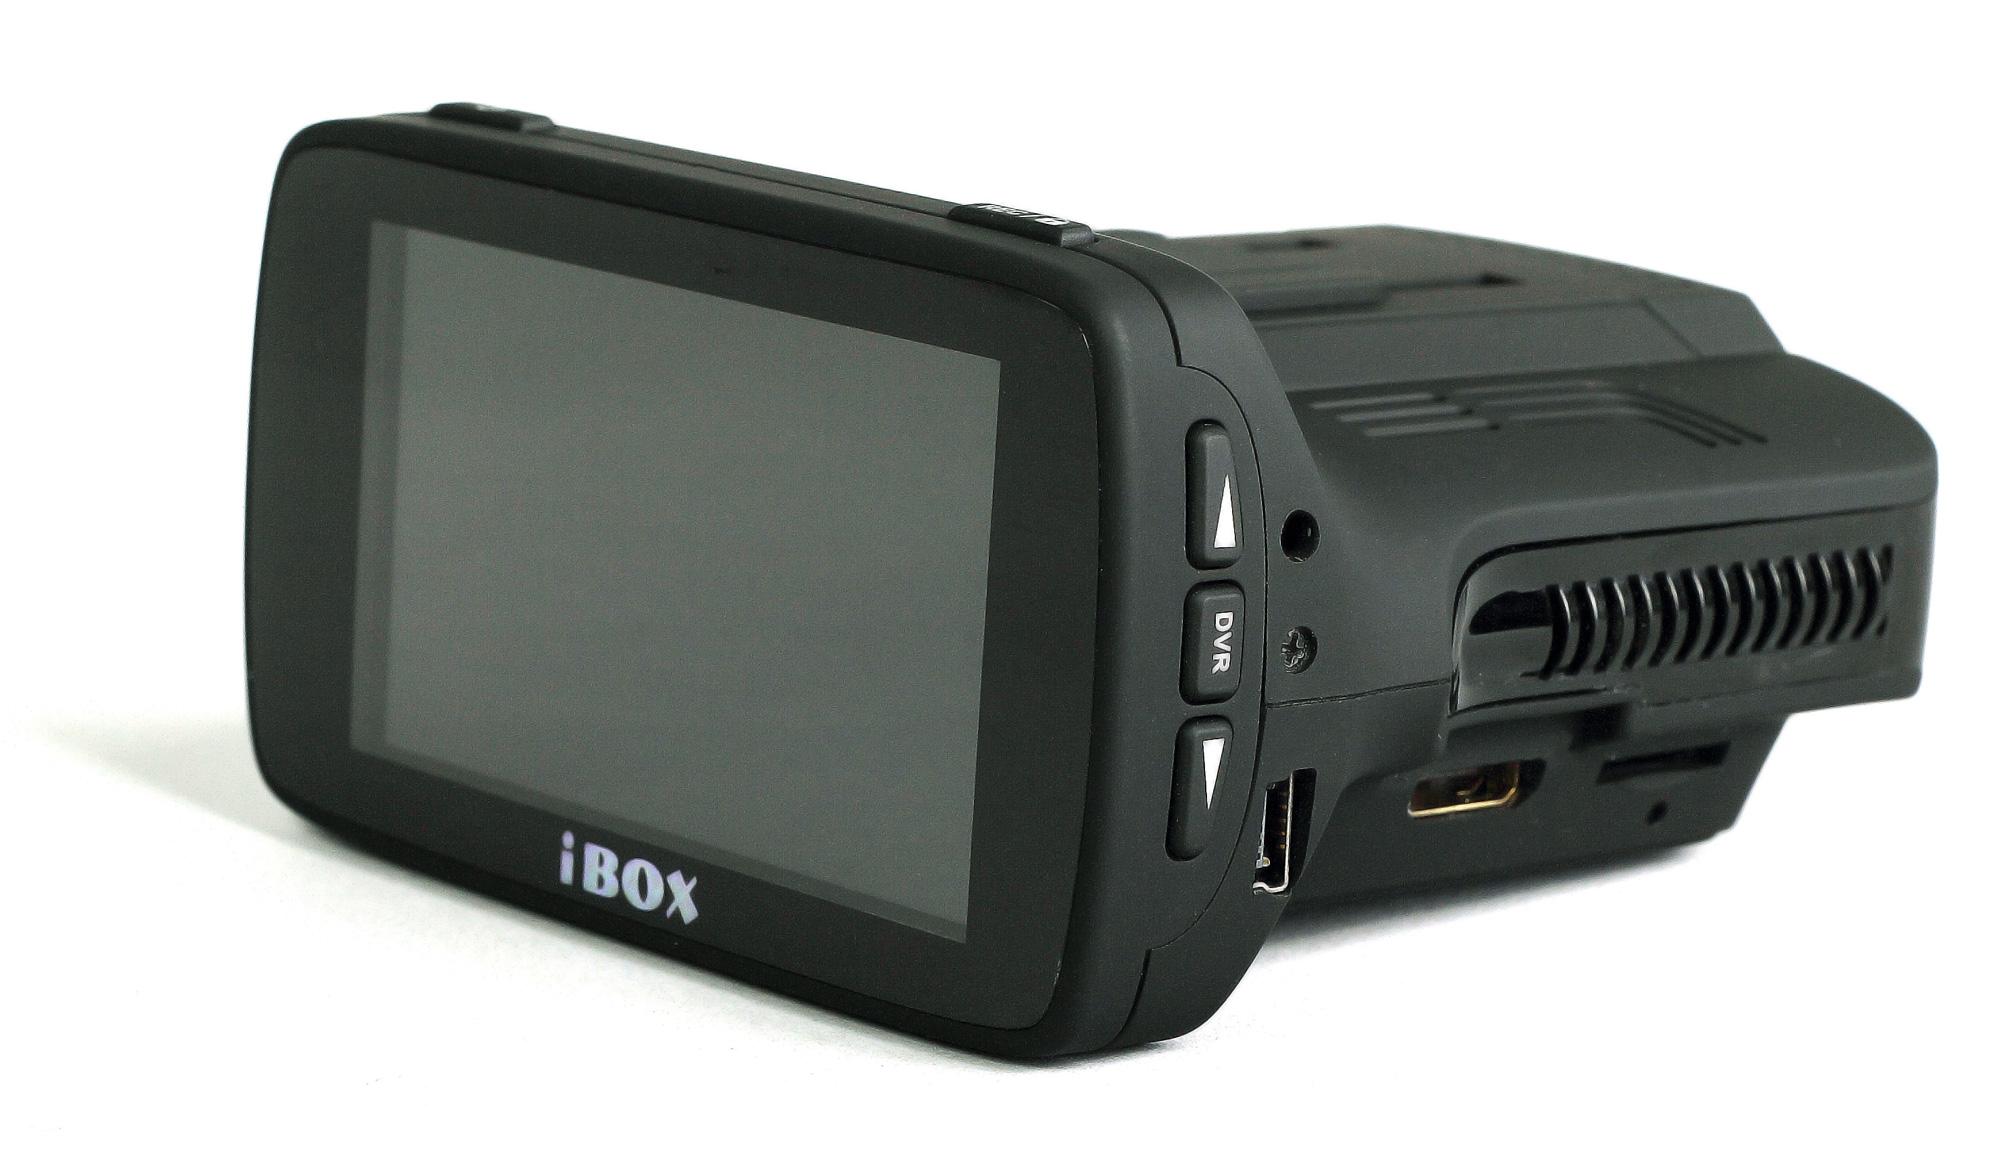 Видеорегистратор ibox pro 700 инструкция | innovation policy platform.